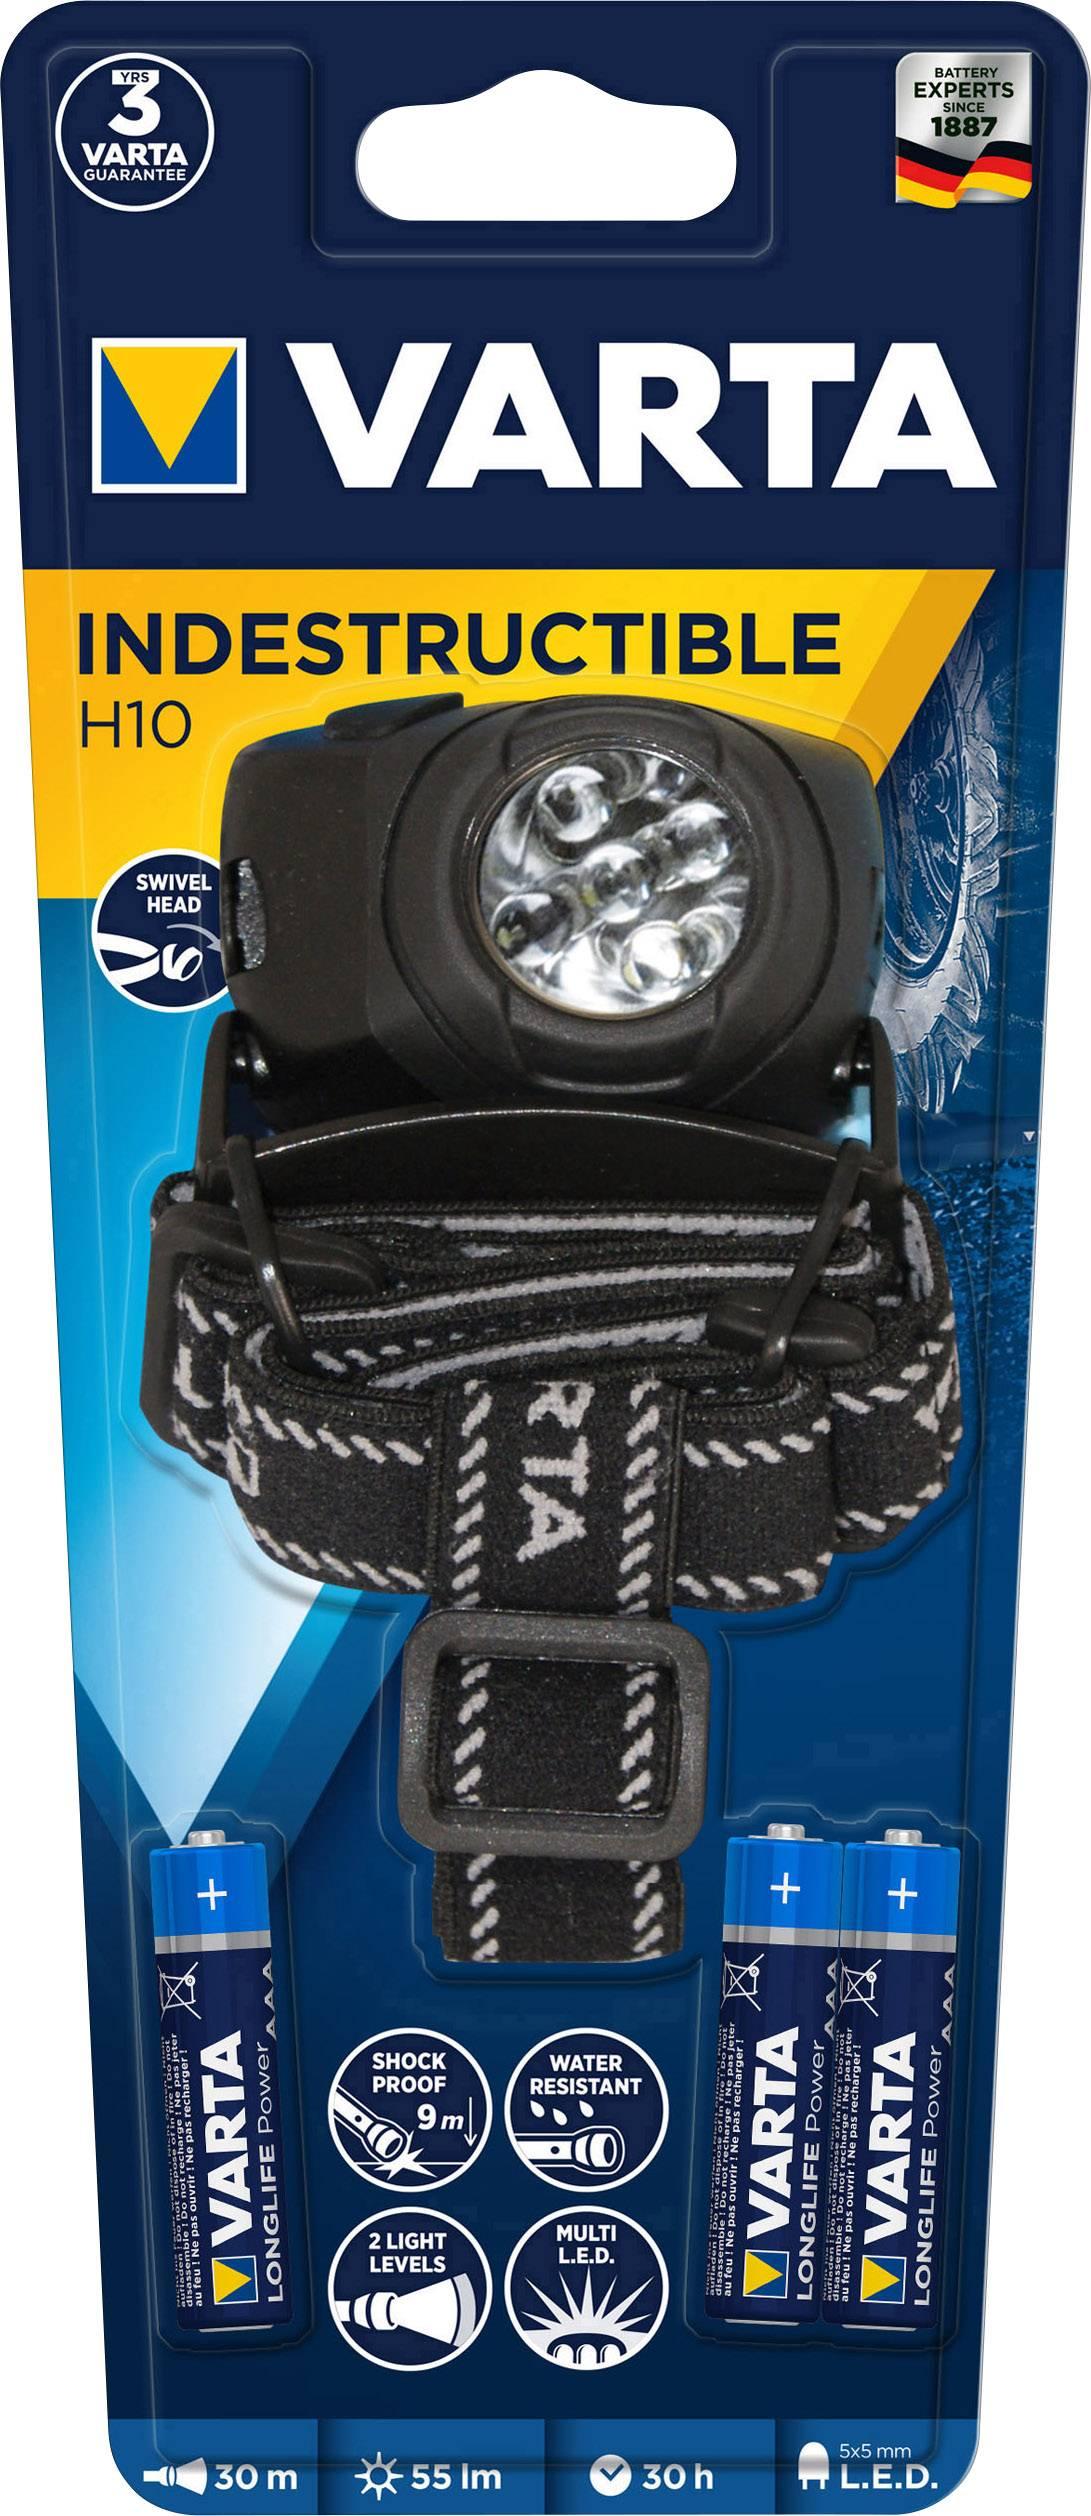 LED čelovka Varta X5 17730 101 421, na batérie, 65 g, čiernostrieborná